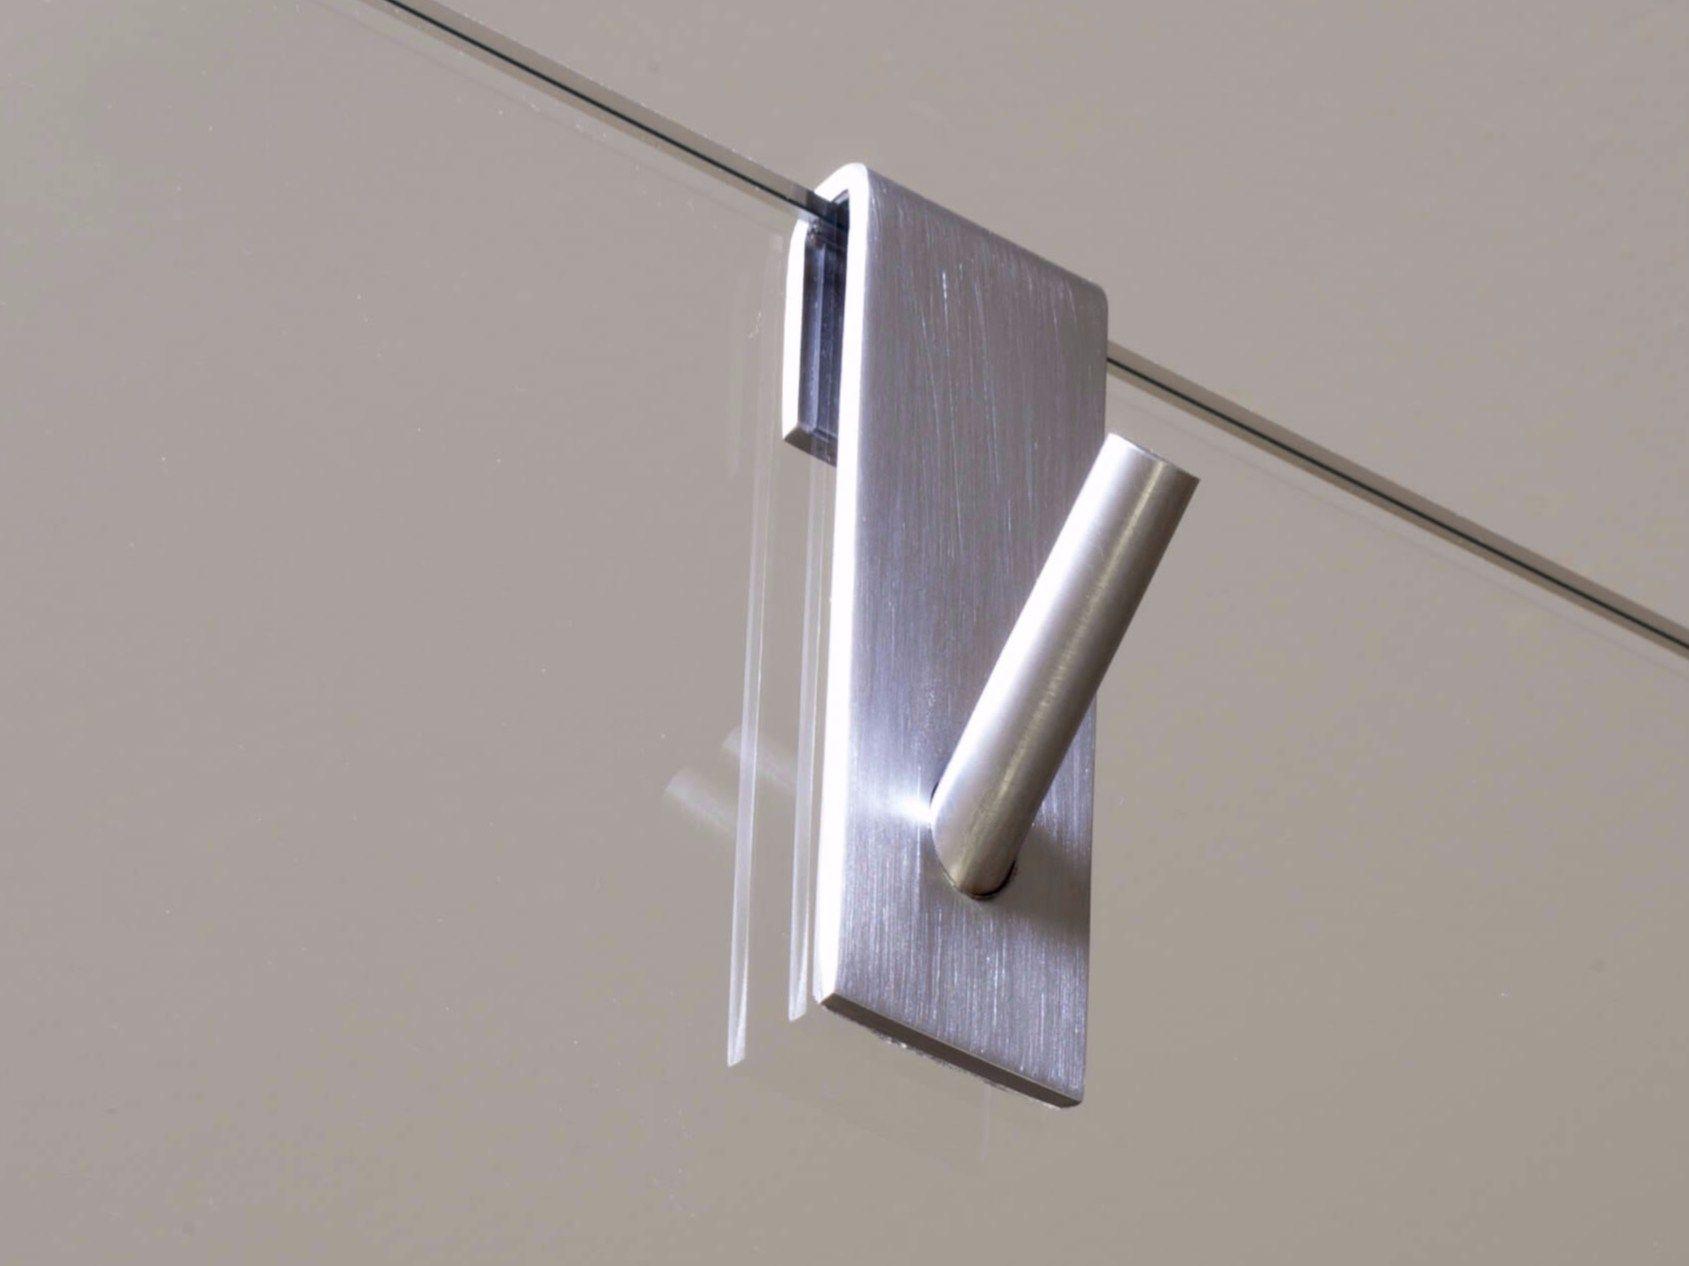 Porta accappatoio porta asciugamani in acciaio inox - Accessori bagno acciaio ...